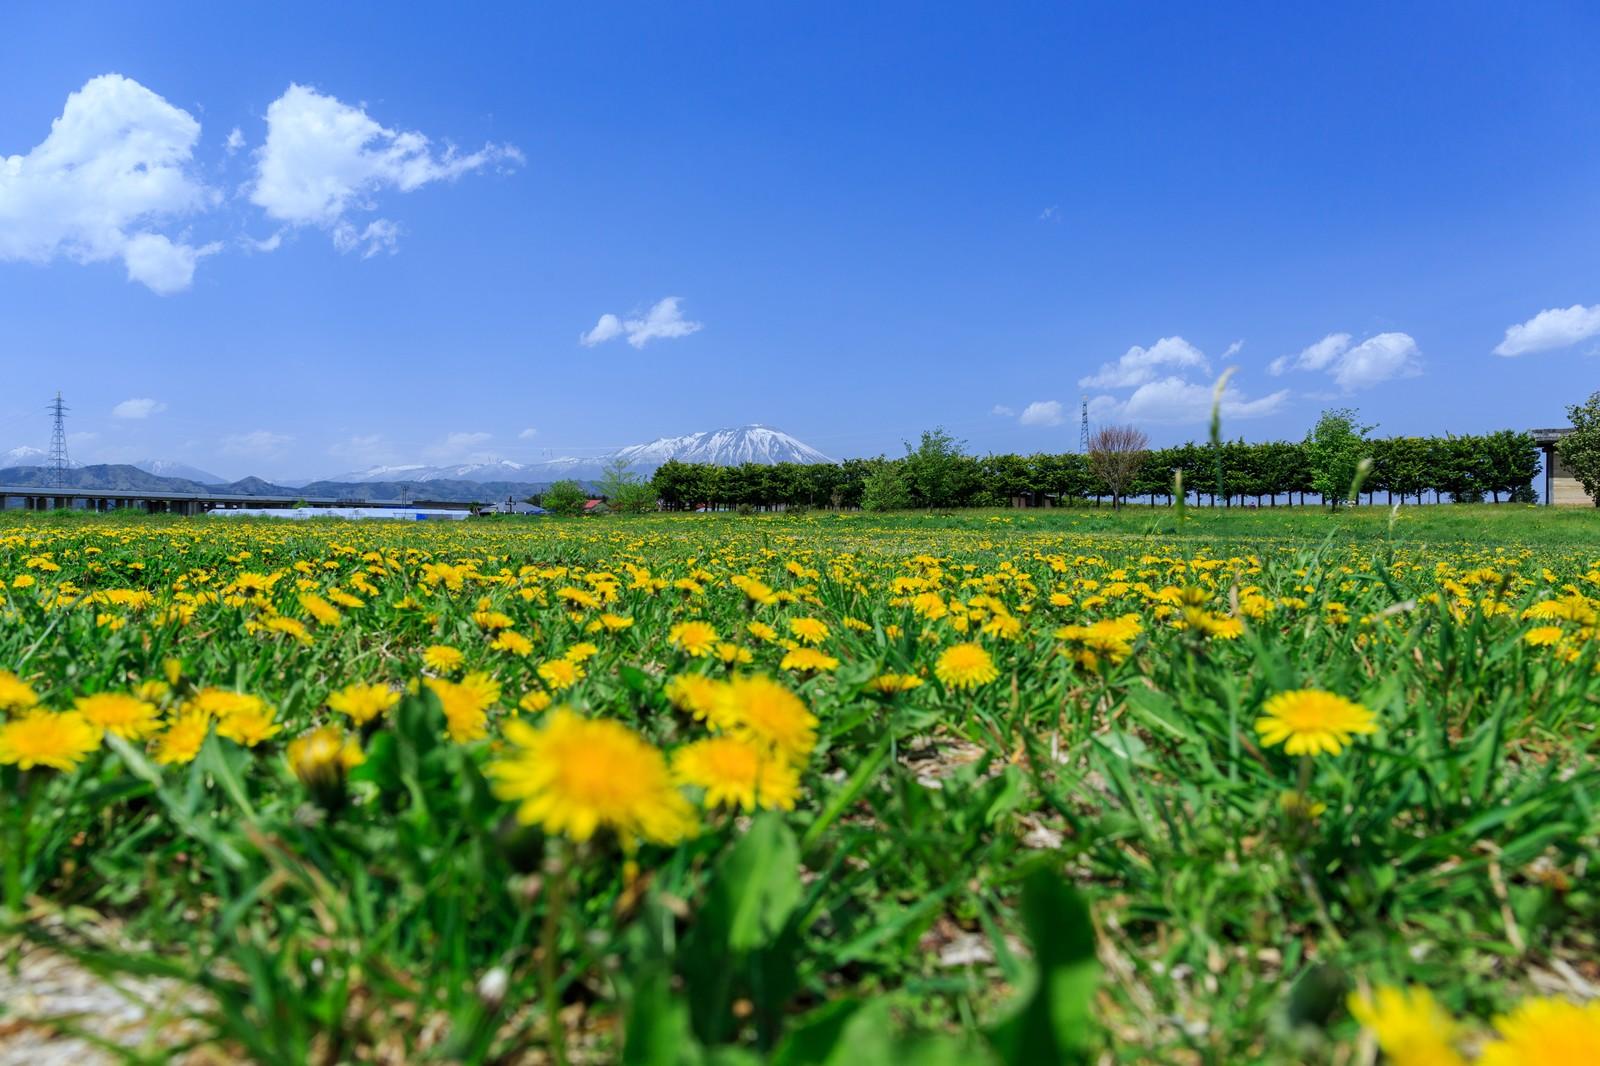 南昌荘は盛岡の名スポット!美しい庭園は紅葉もきれい!おすすめ情報を紹介